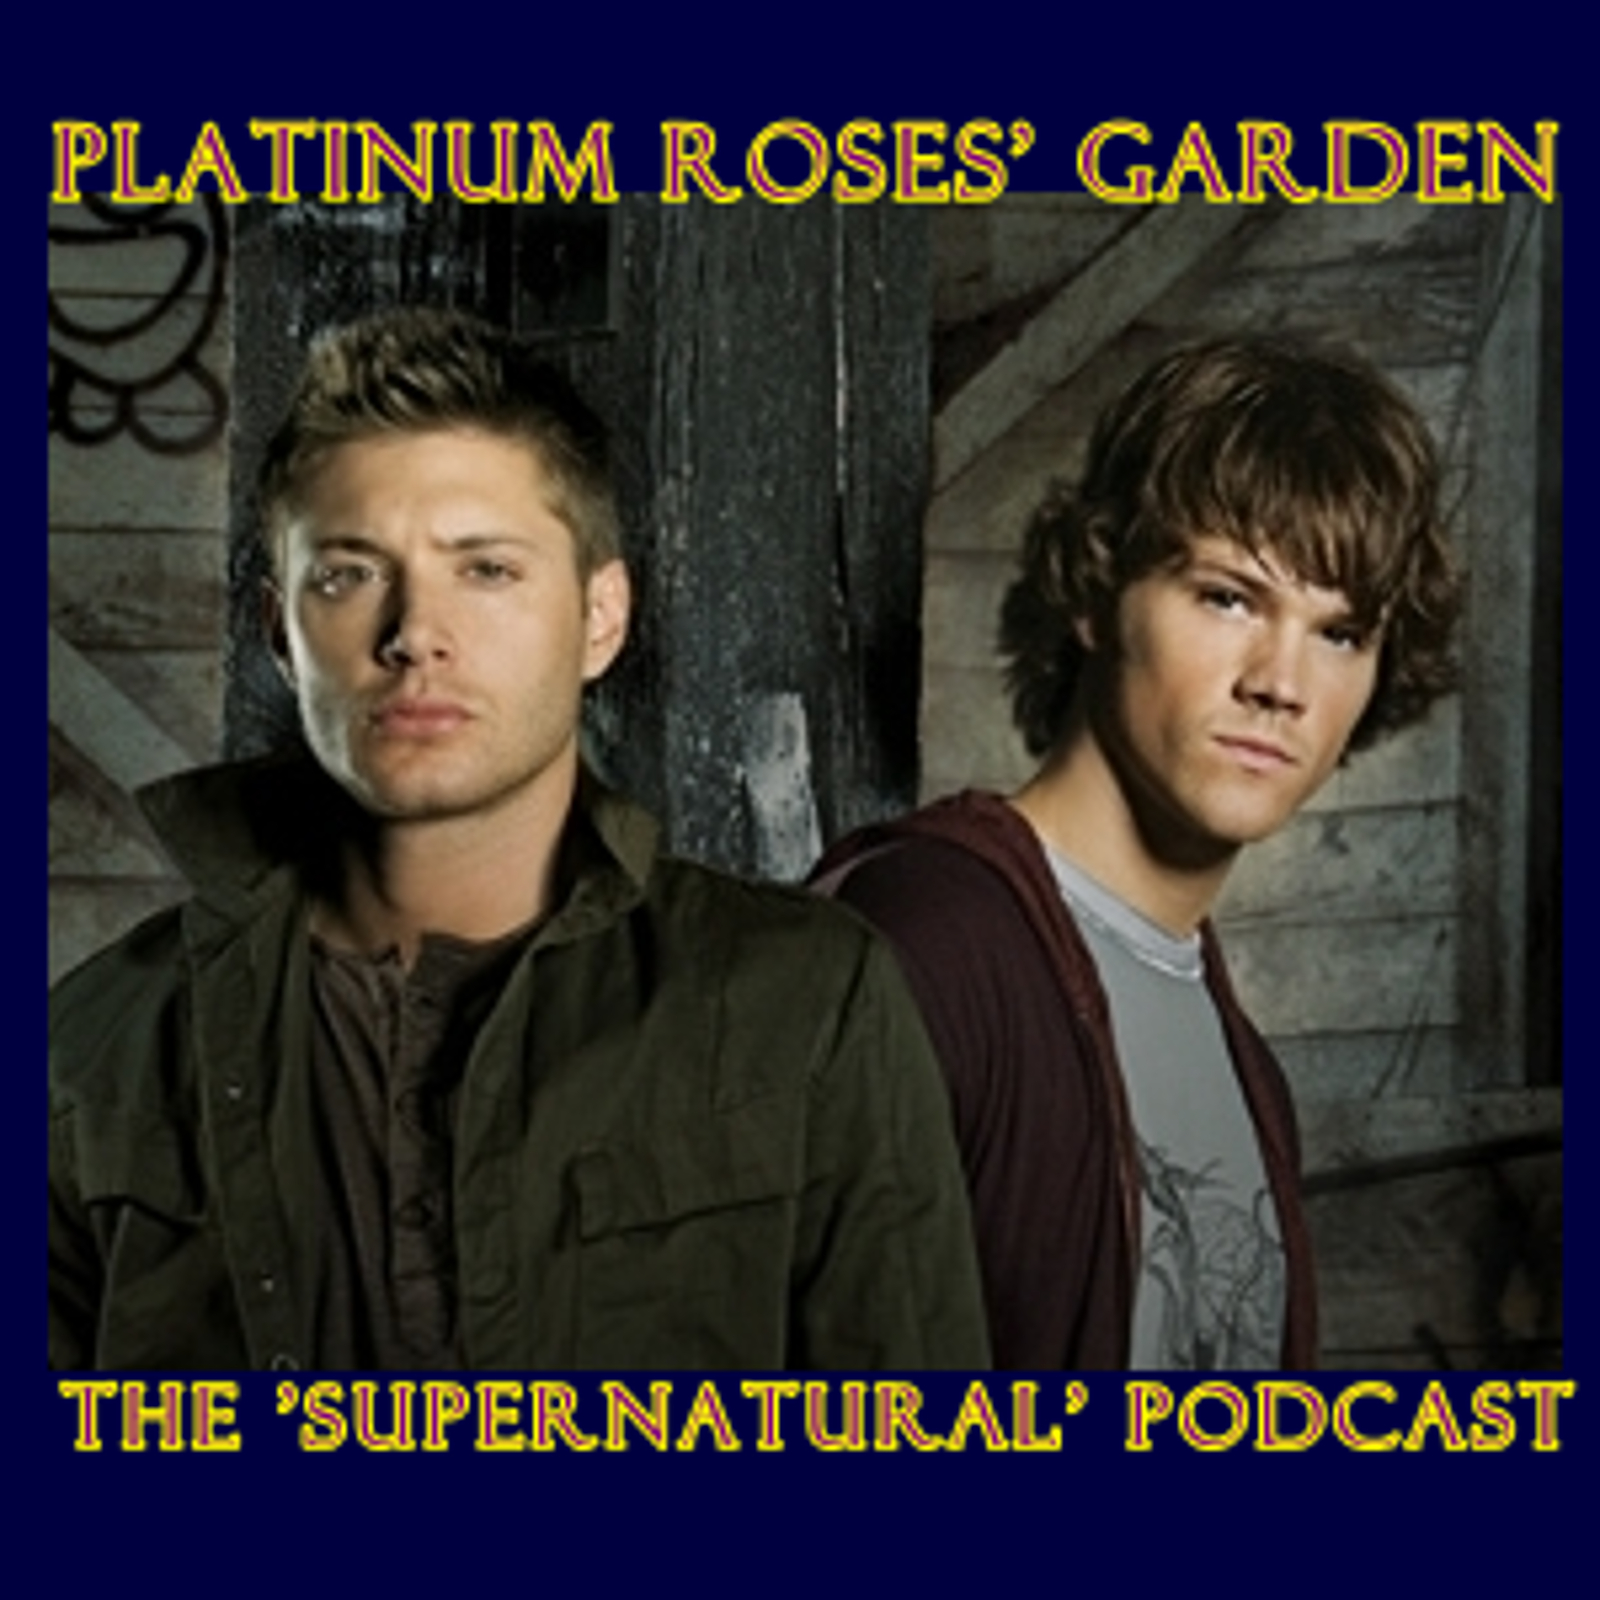 Artwork for Platinum Roses' Garden - October 23 2011